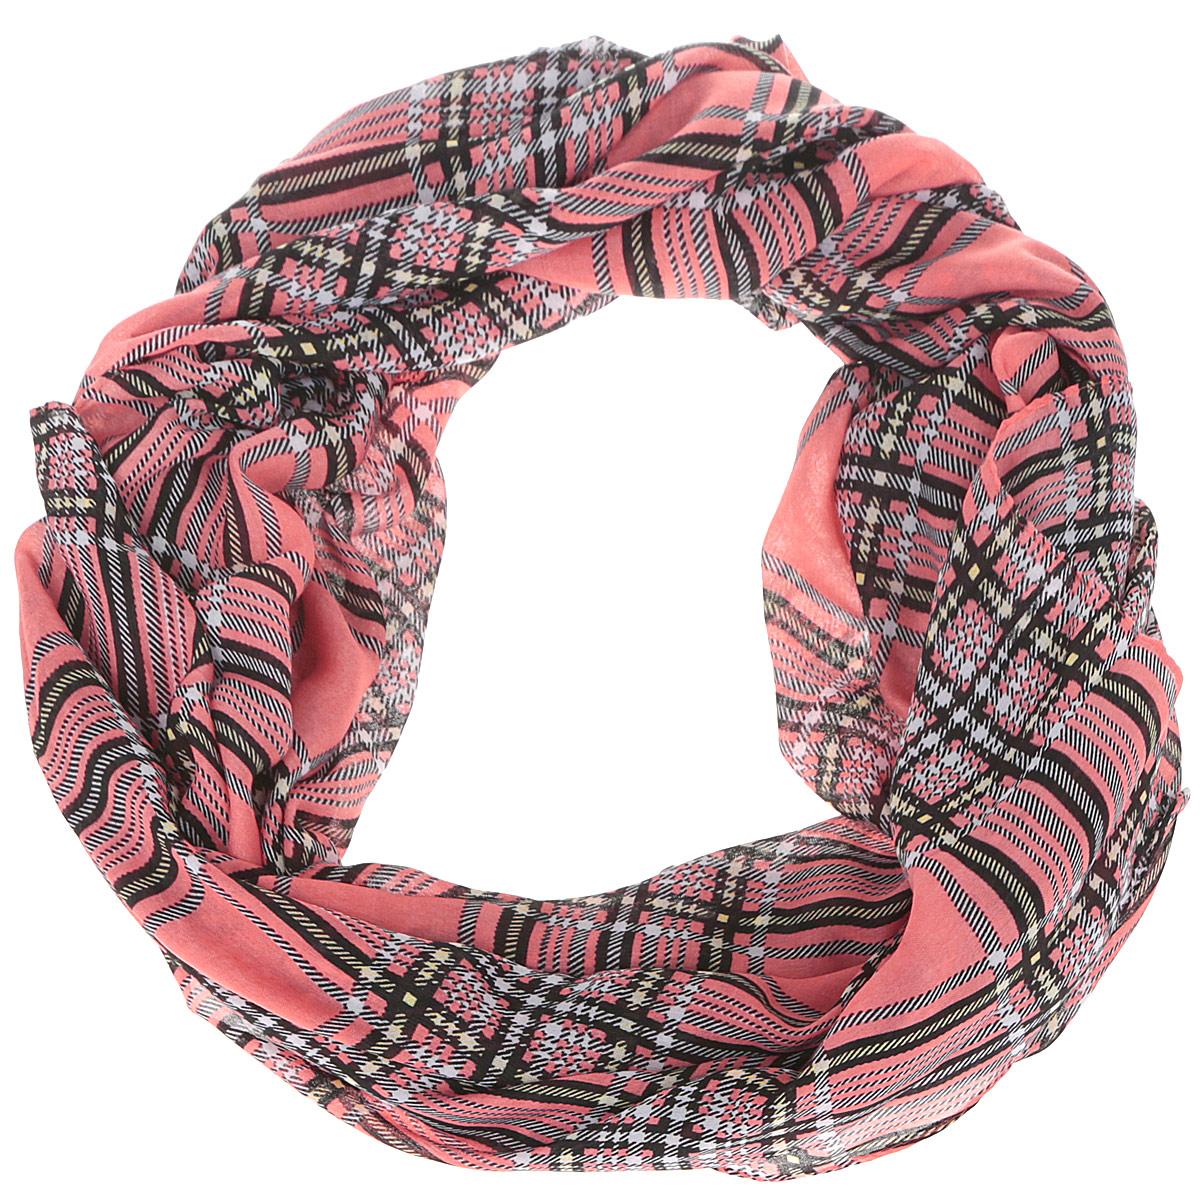 Шарф женский Fabretti, цвет: коралловый. RH15152-104. Размер 180 см х 90 смRH15152-104Модный женский шарф Fabretti подарит вам уют и станет стильным аксессуаром, который призван подчеркнуть вашу индивидуальность и женственность. Тонкий шарф выполнен из высококачественной 100% вискозы, он невероятно мягкий и приятный на ощупь. Шарф оформлен принтом в крупную клетку.Этот модный аксессуар гармонично дополнит образ современной женщины, следящей за своим имиджем и стремящейся всегда оставаться стильной и элегантной. Такой шарф украсит любой наряд и согреет вас в непогоду, с ним вы всегда будете выглядеть изысканно и оригинально.